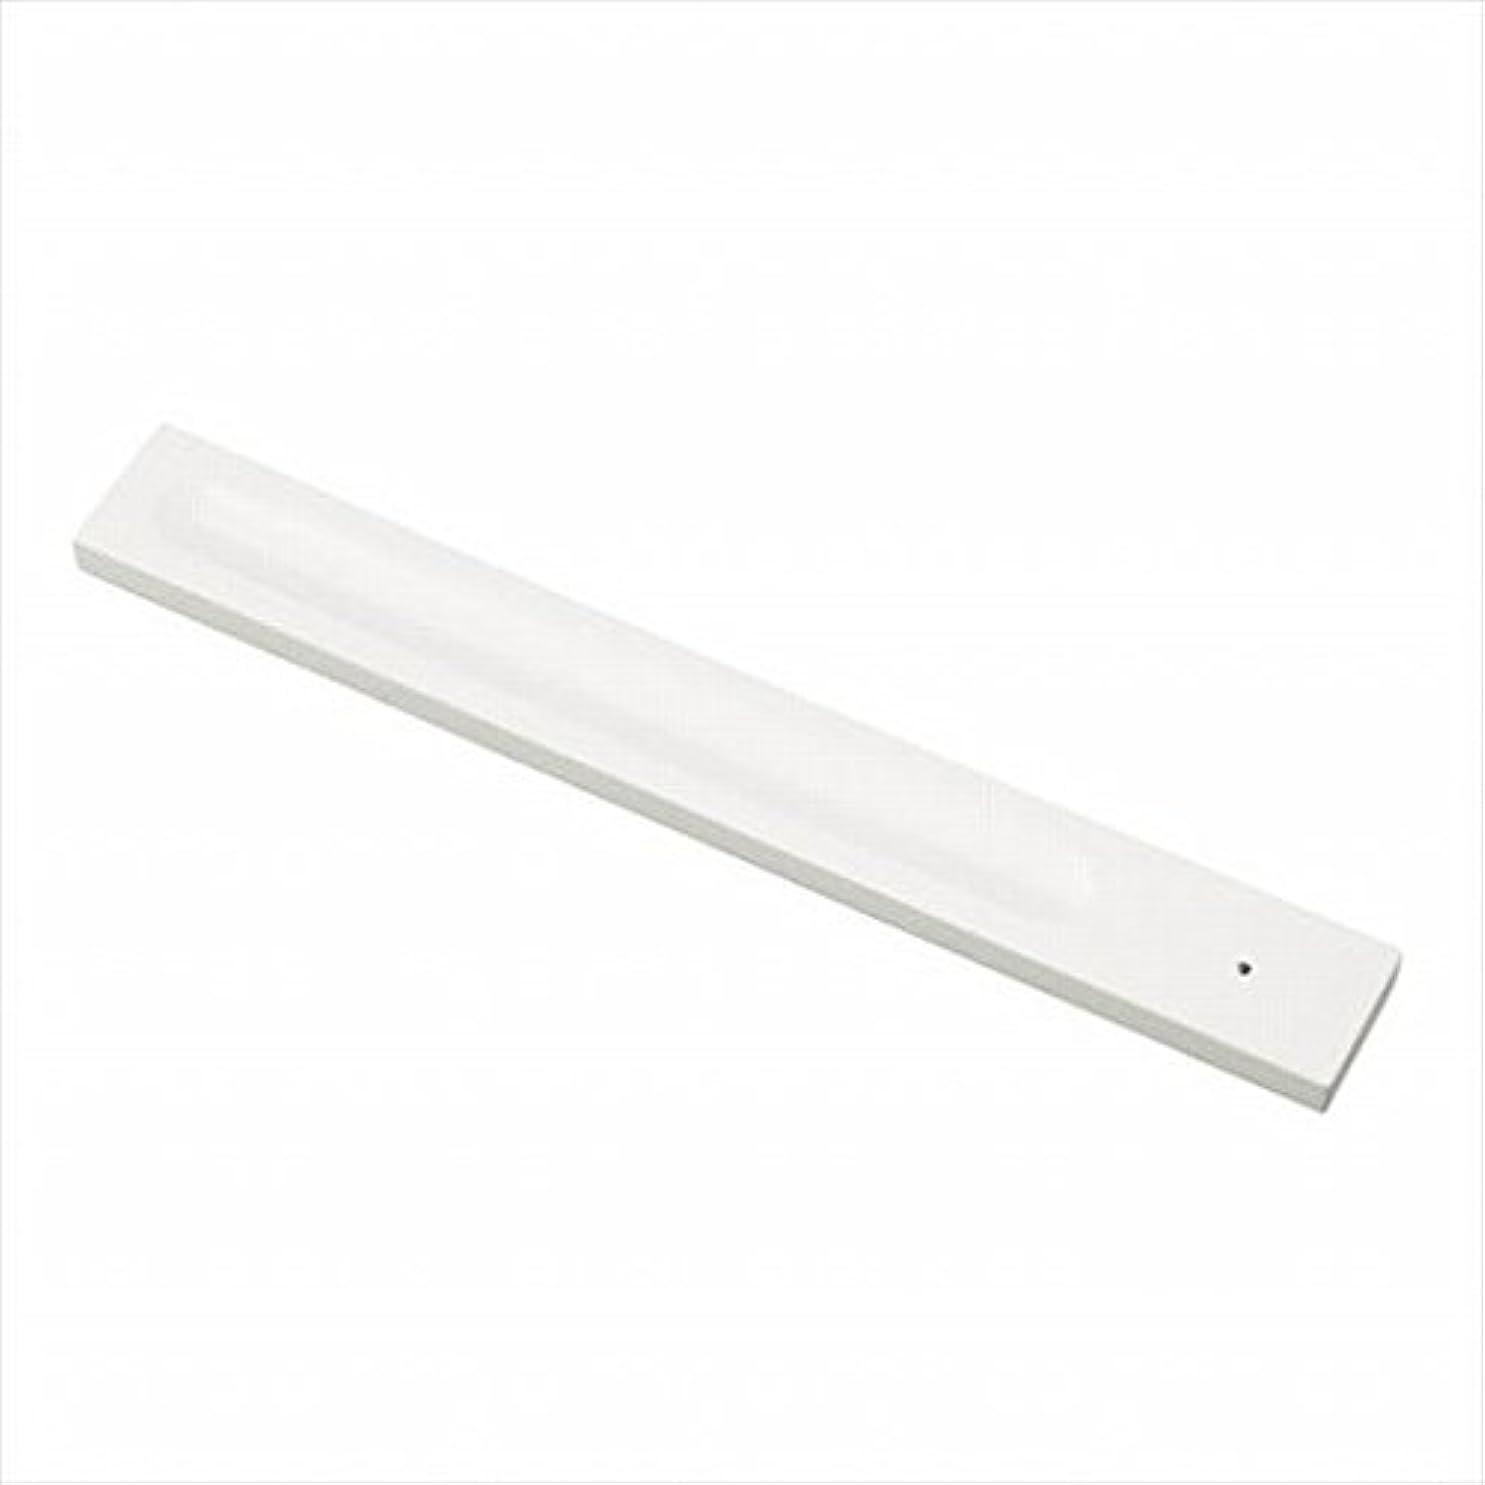 現れる契約する配るkameyama candle(カメヤマキャンドル) バンブーインセンス用ホルダースクエア 「 ホワイト 」 キャンドル 30x246x9mm (E3130000W)